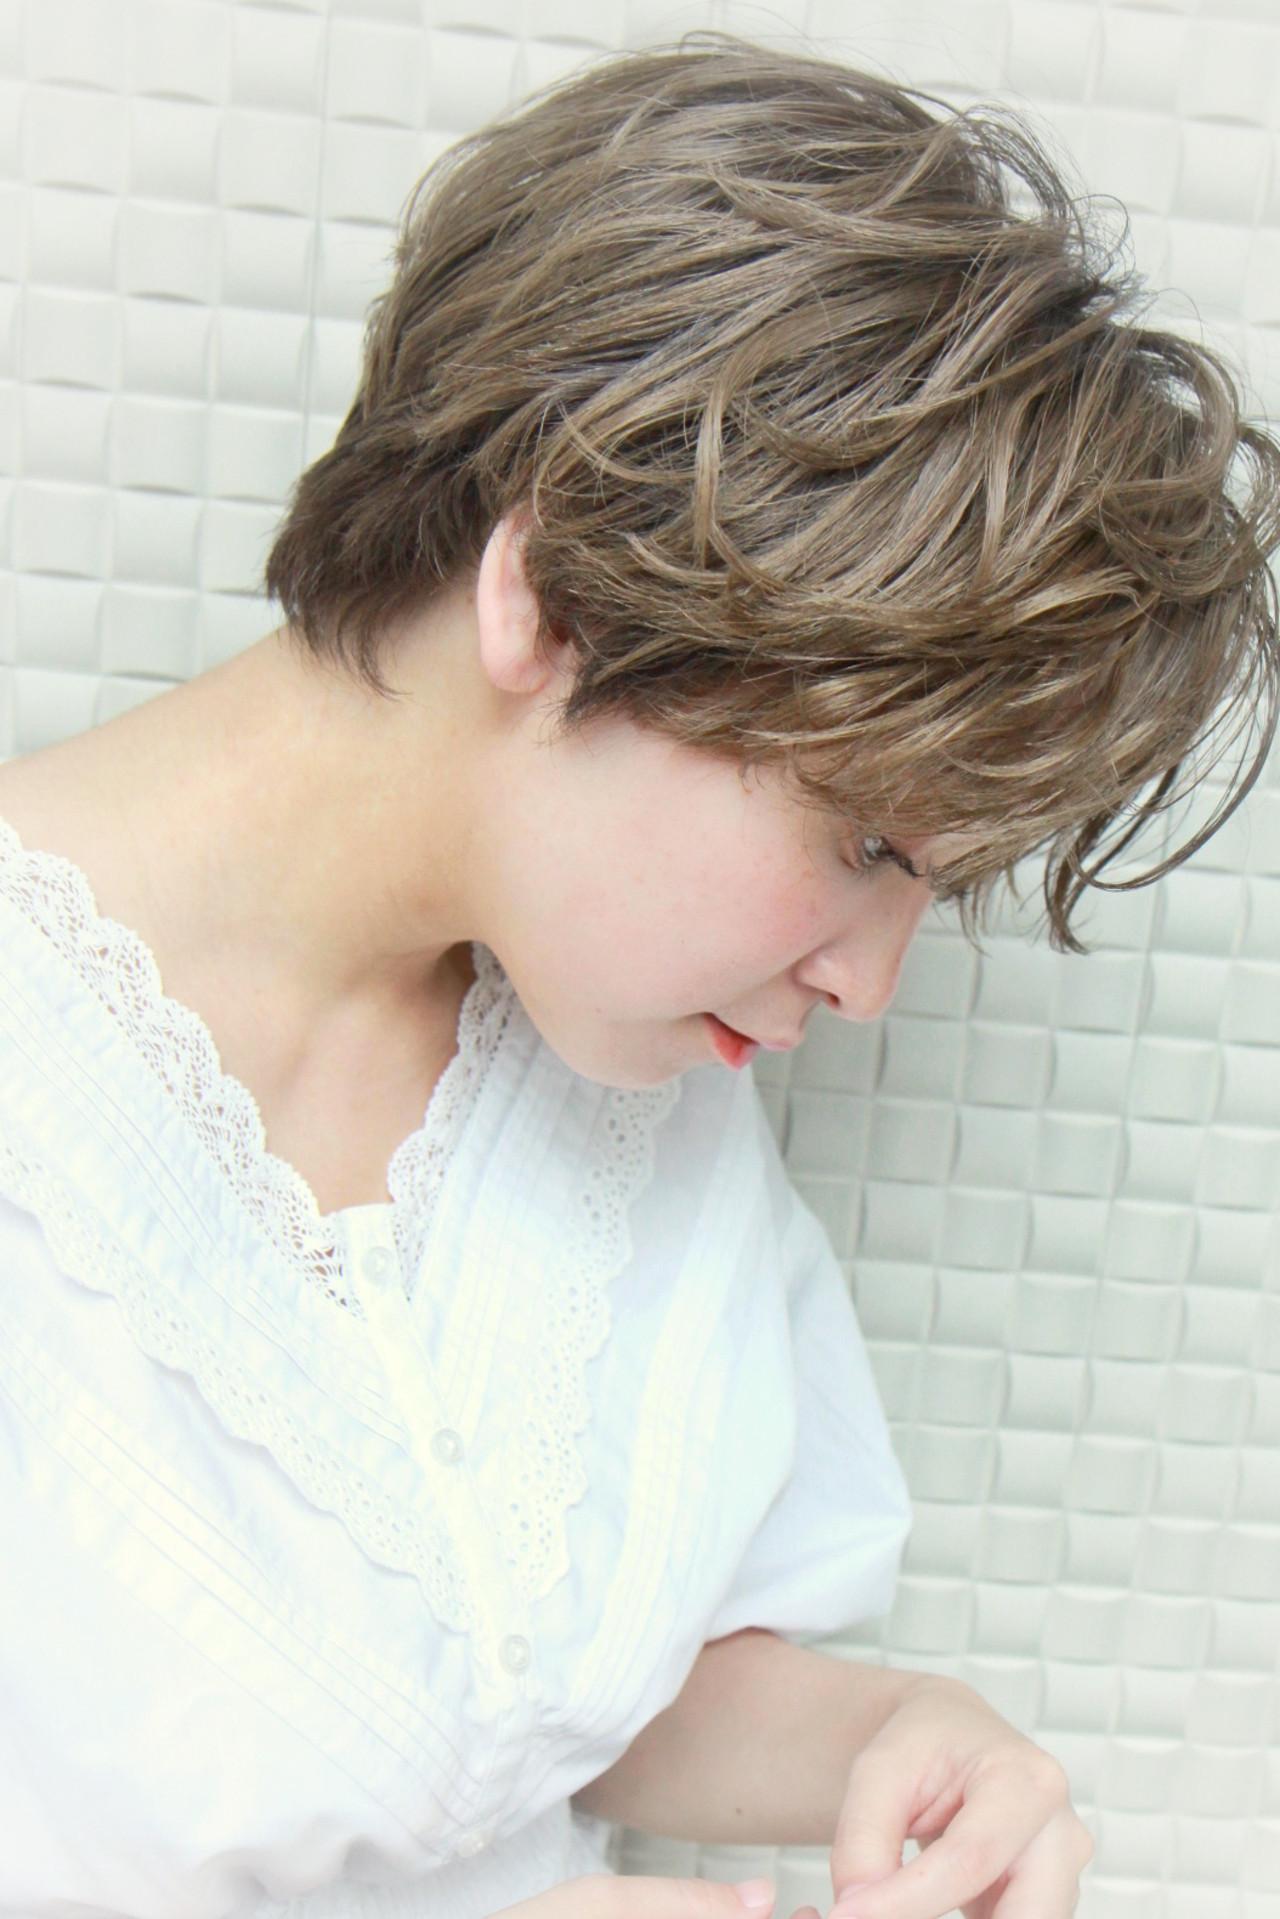 ゆるふわパーマ ナチュラル ショート 小顔 ヘアスタイルや髪型の写真・画像